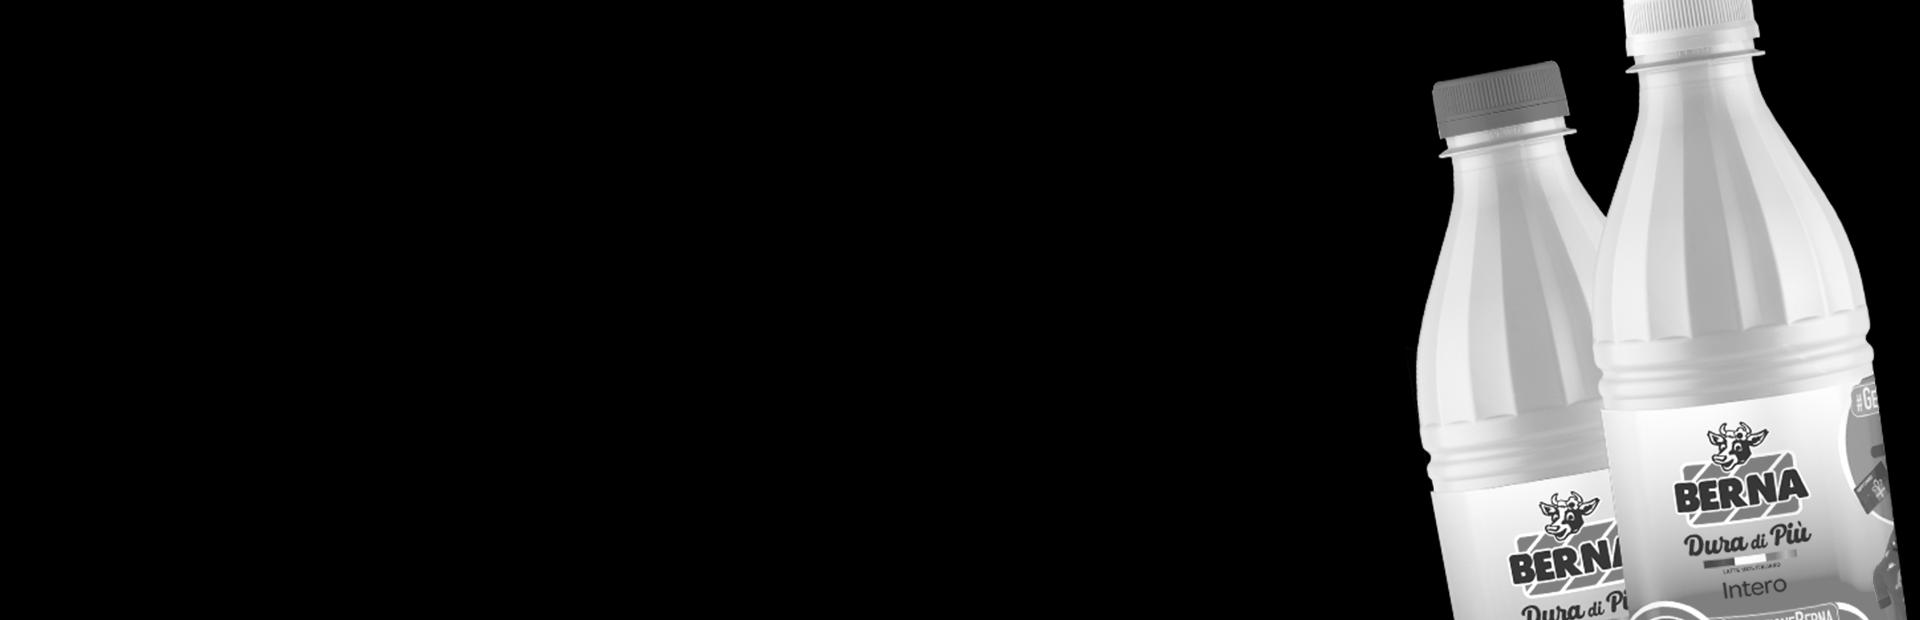 Parmalat Berna Liqueedo Tun2U